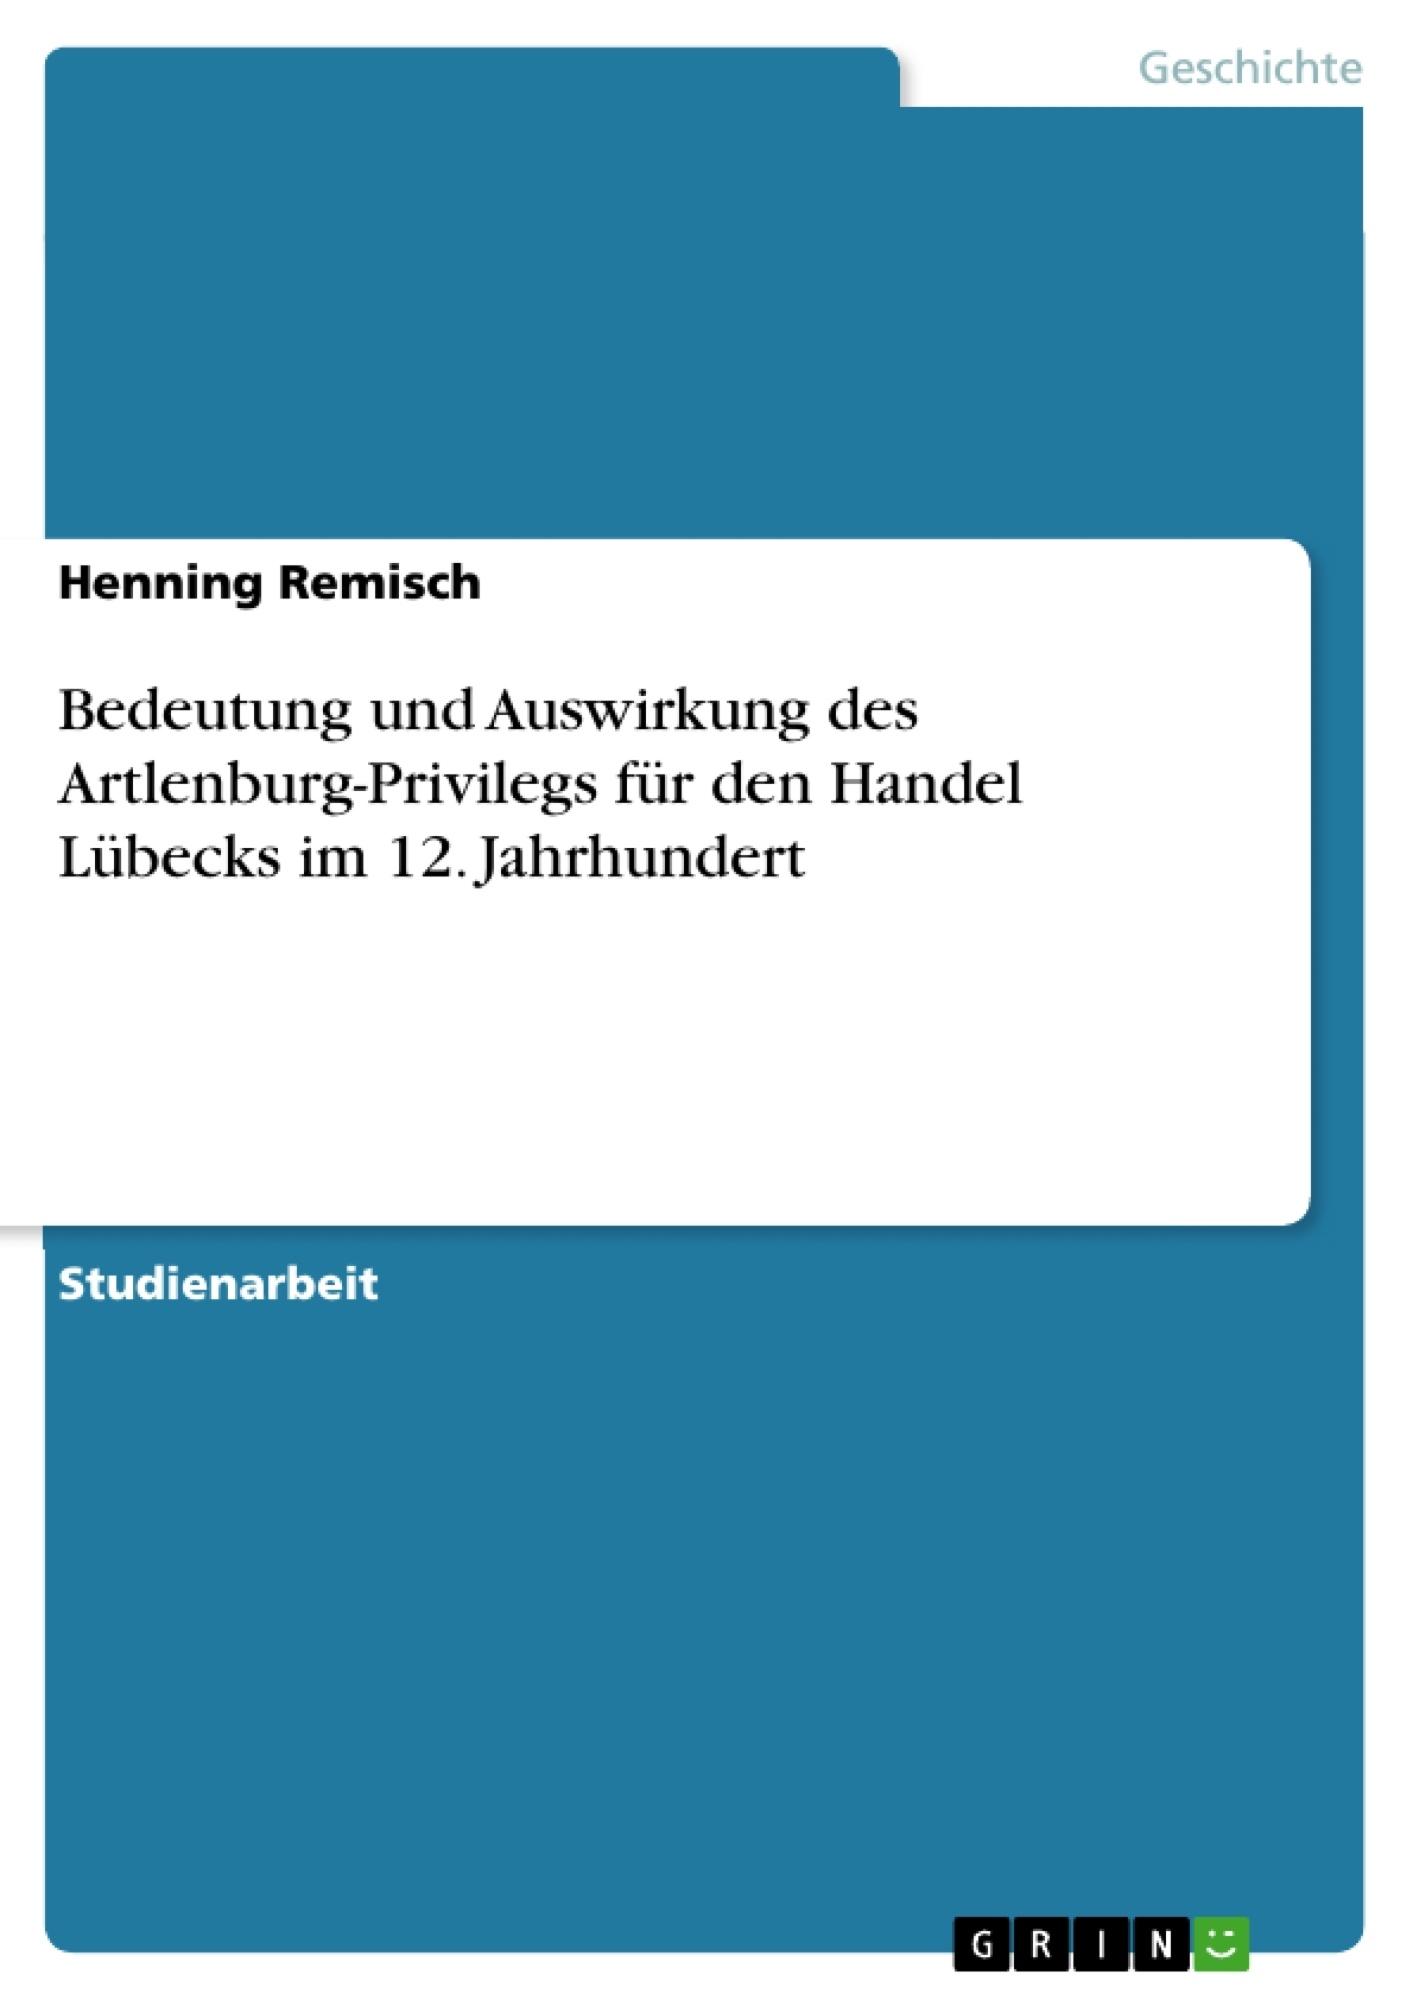 Titel: Bedeutung  und Auswirkung des Artlenburg-Privilegs für den Handel Lübecks im 12. Jahrhundert